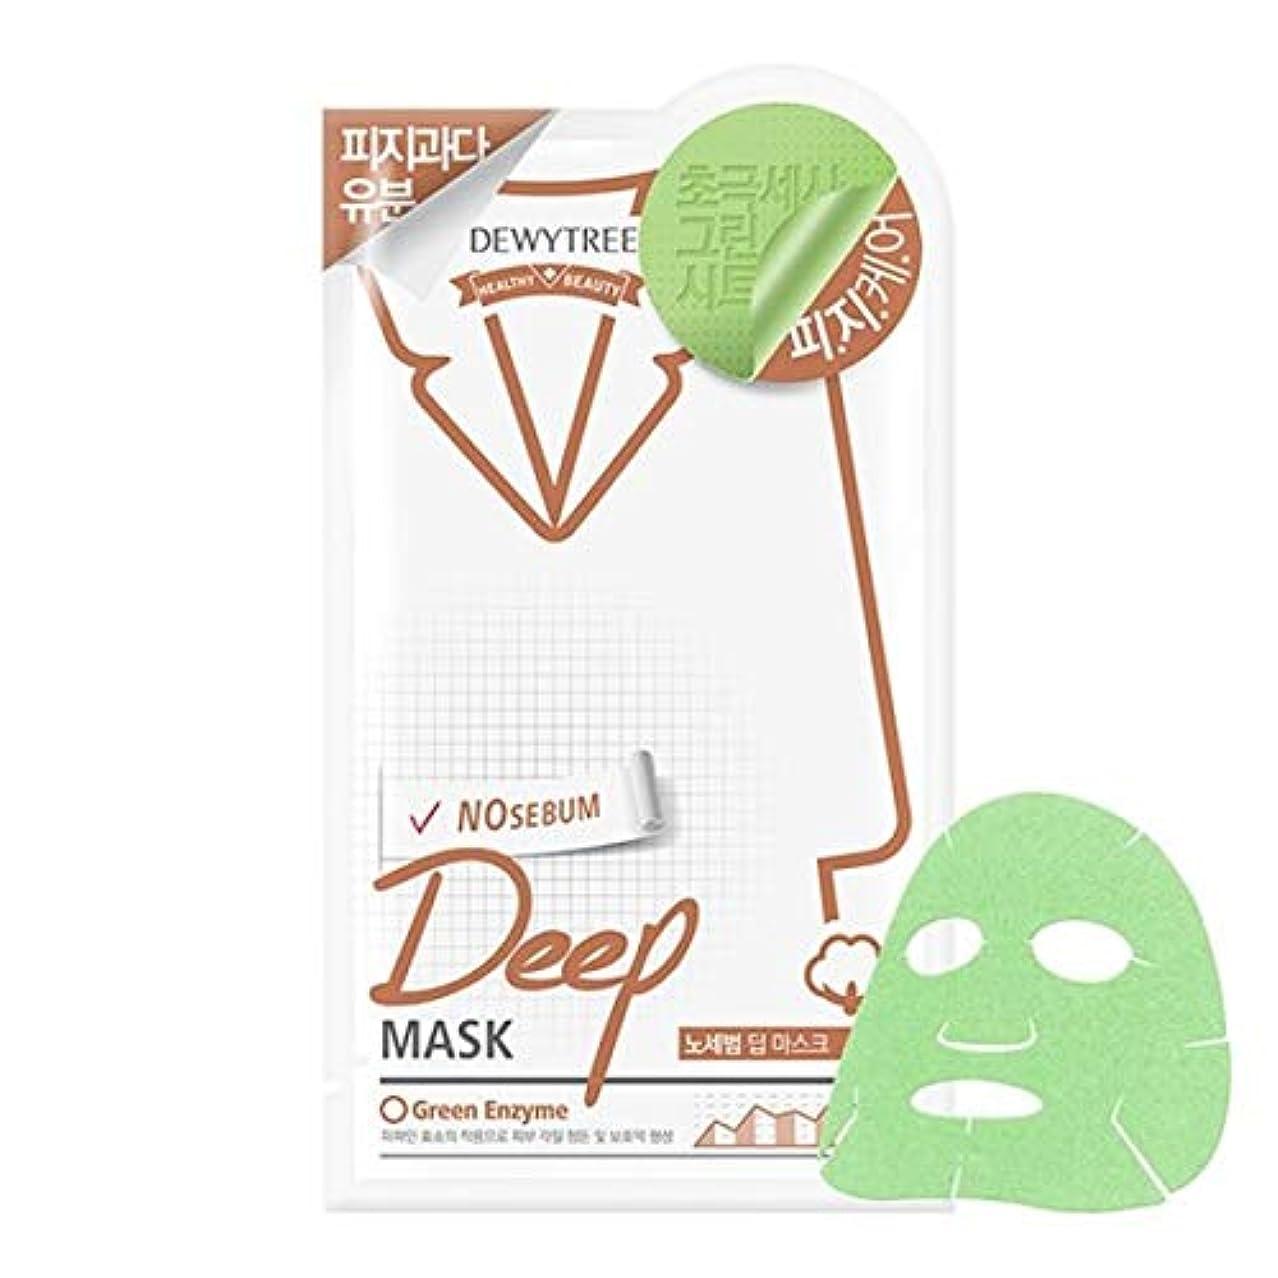 交差点気づくのスコア(デューイトゥリー) DEWYTREE ノセボムディープマスク 20枚 Nosebum Deep Mask 韓国マスクパック (並行輸入品)